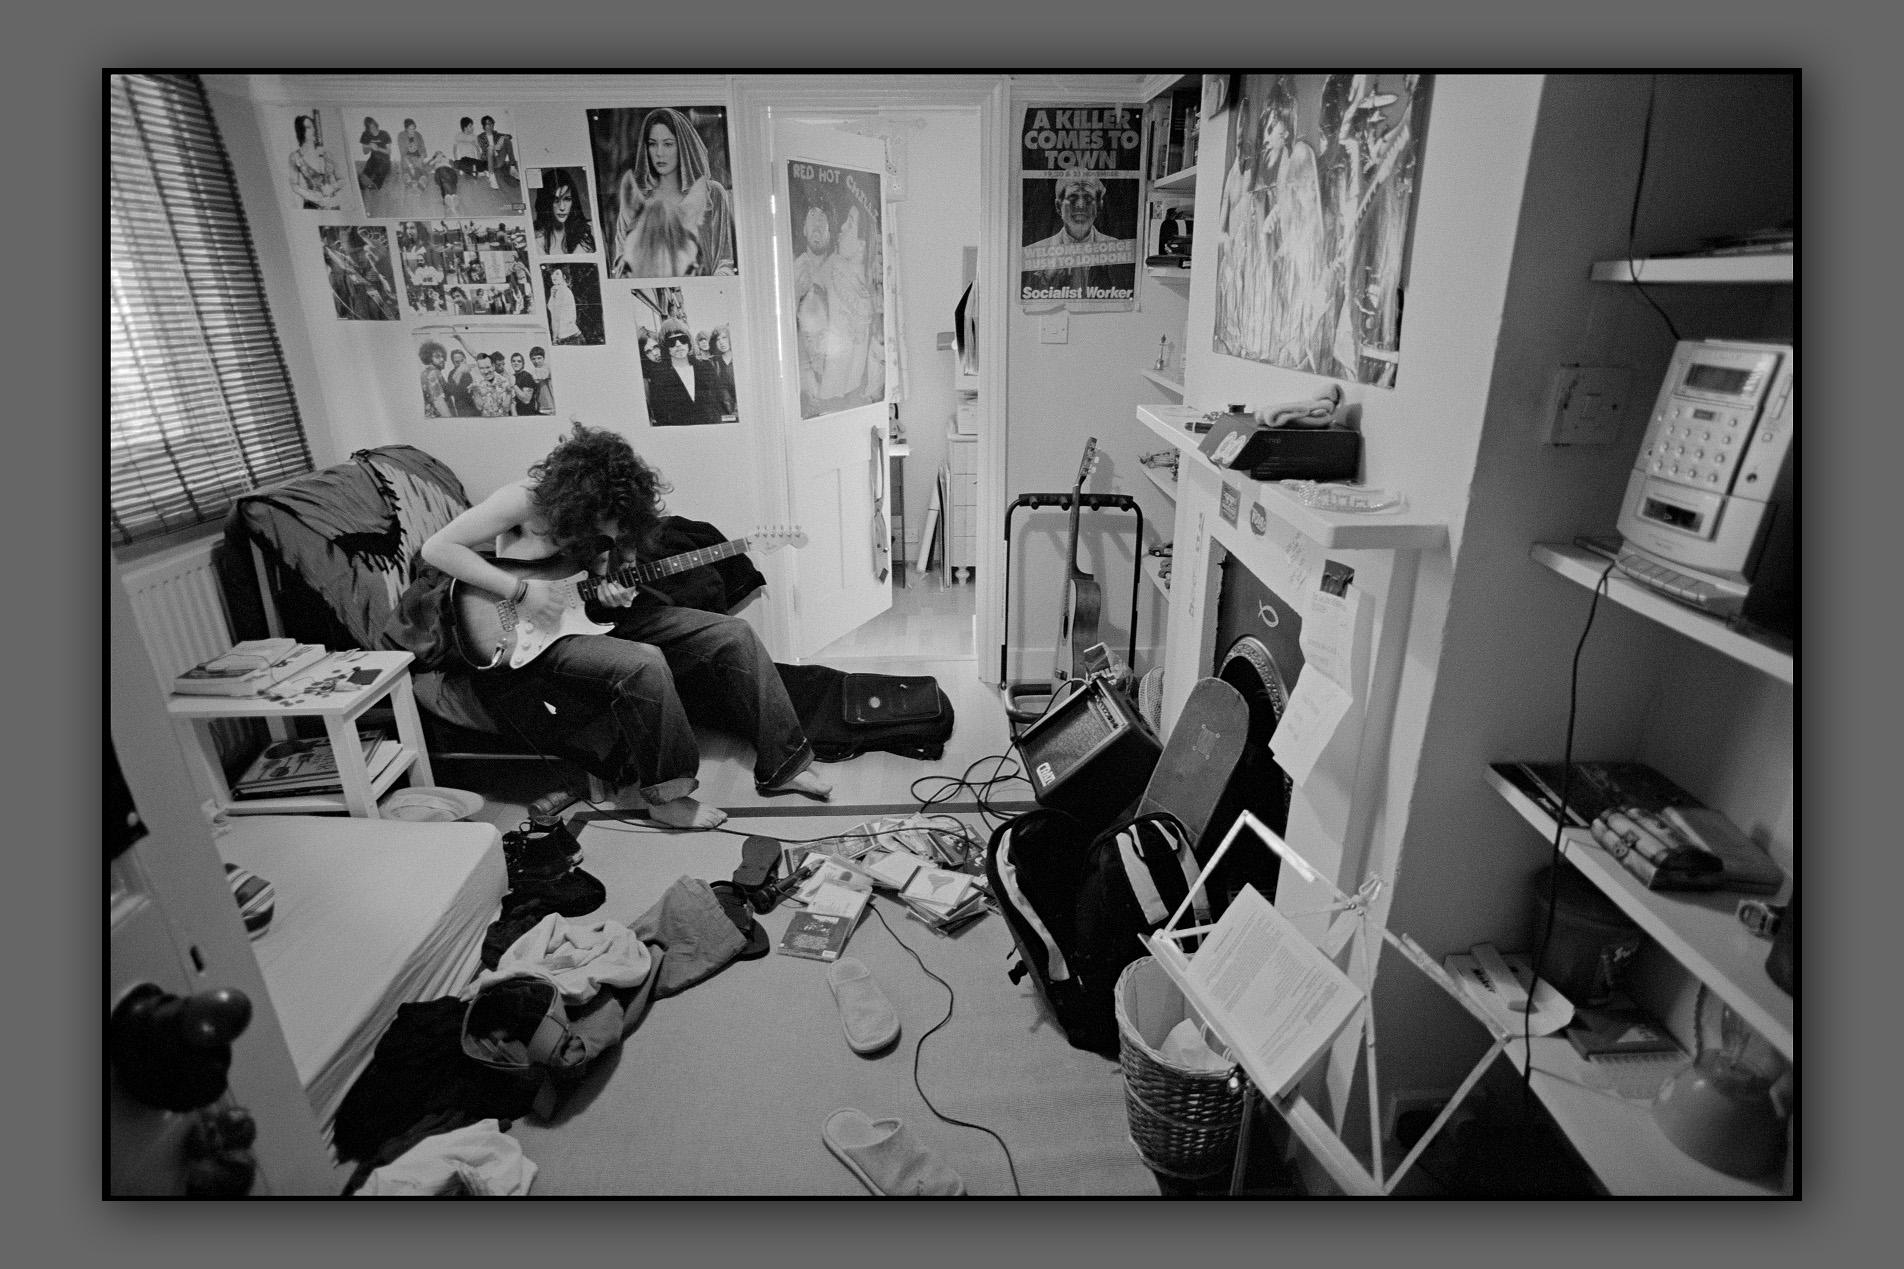 Danilo in his room